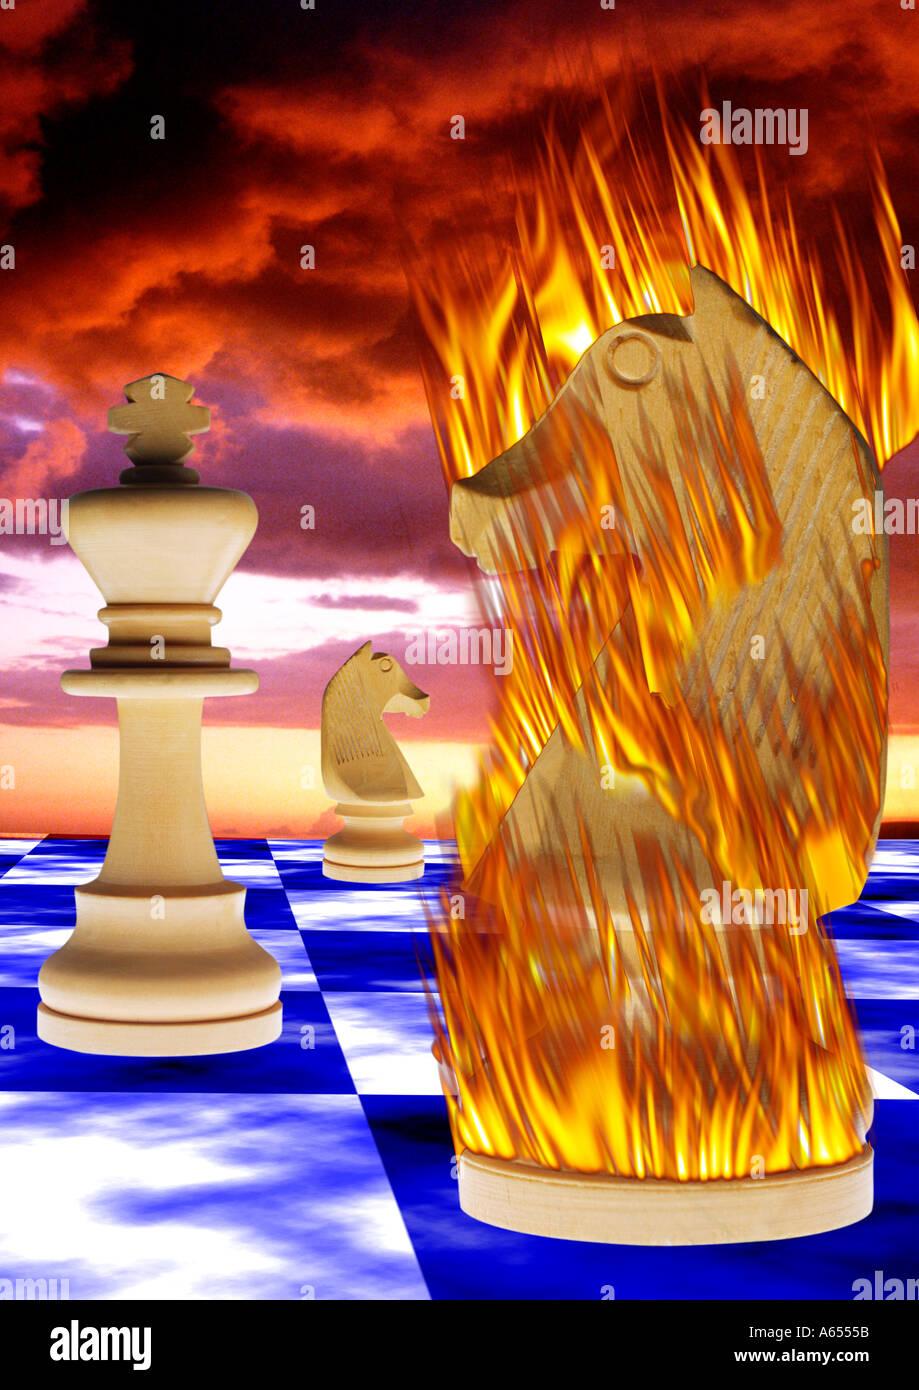 Géant, échecs, pièces, Jeu, concept abstrait effets spéciaux, stratégie, théorie, étude, rationnelle, mathématique, modèle, Photo Stock